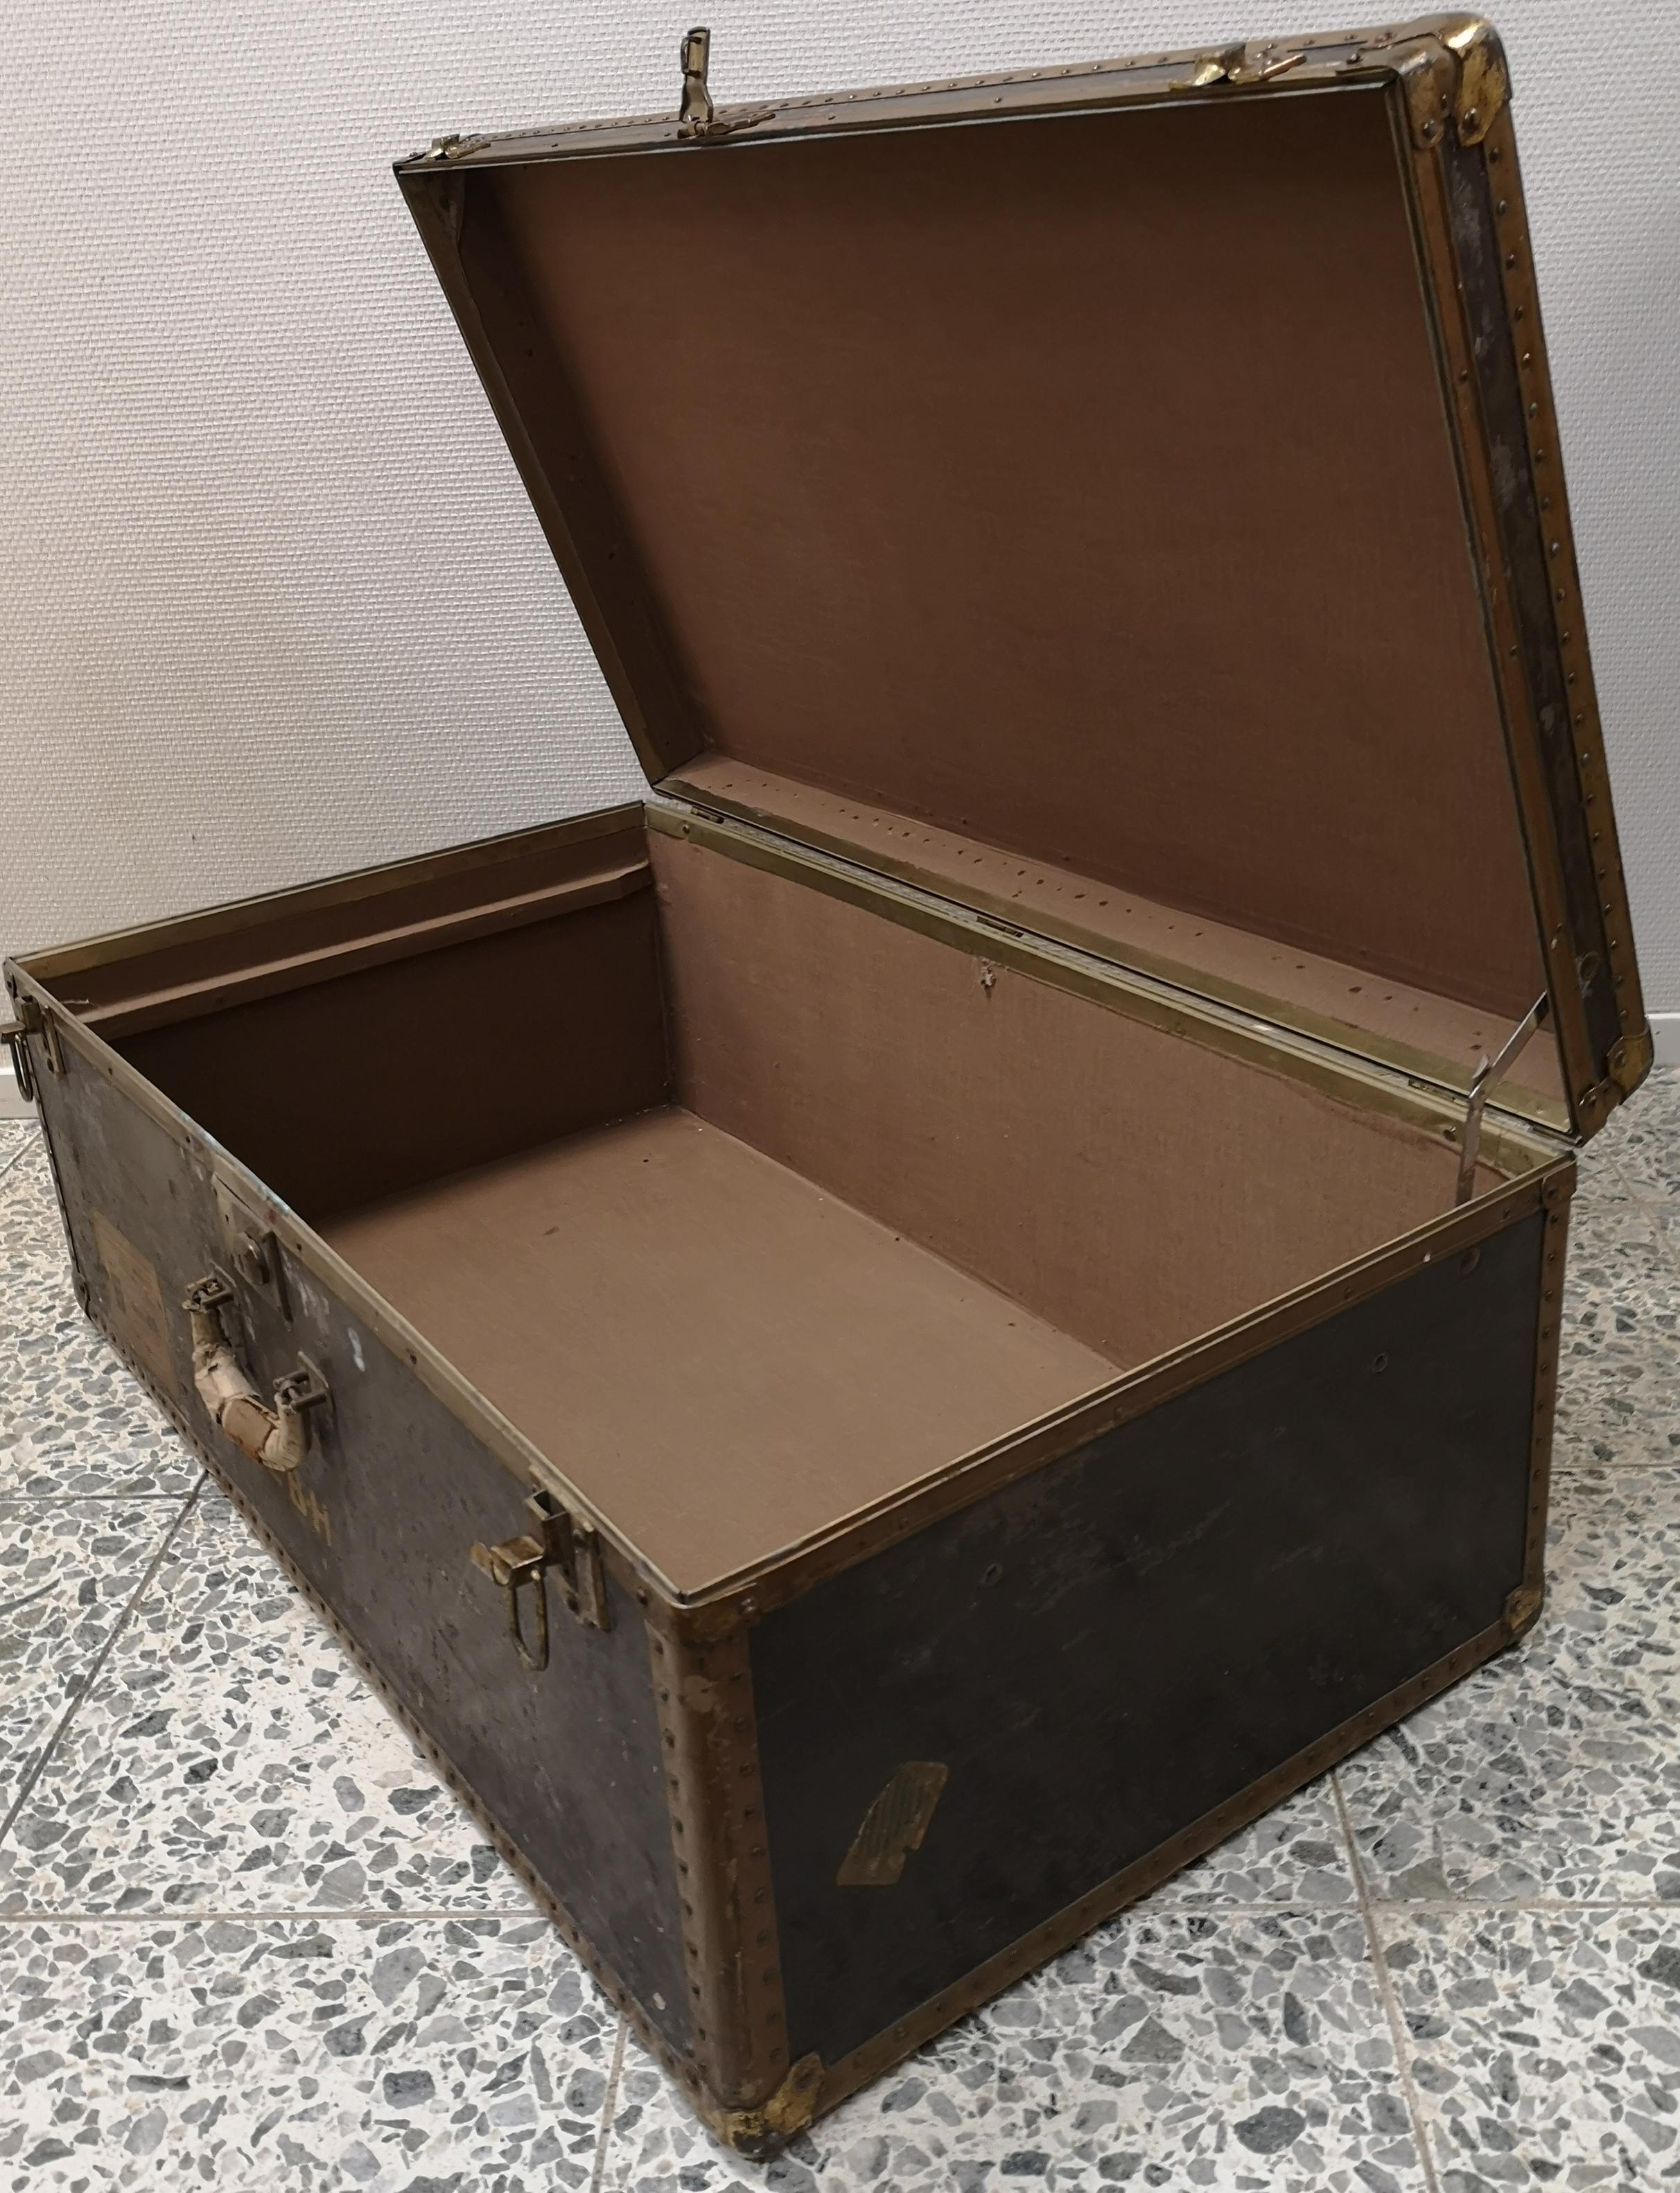 Vanha englantilainen matka-arkku